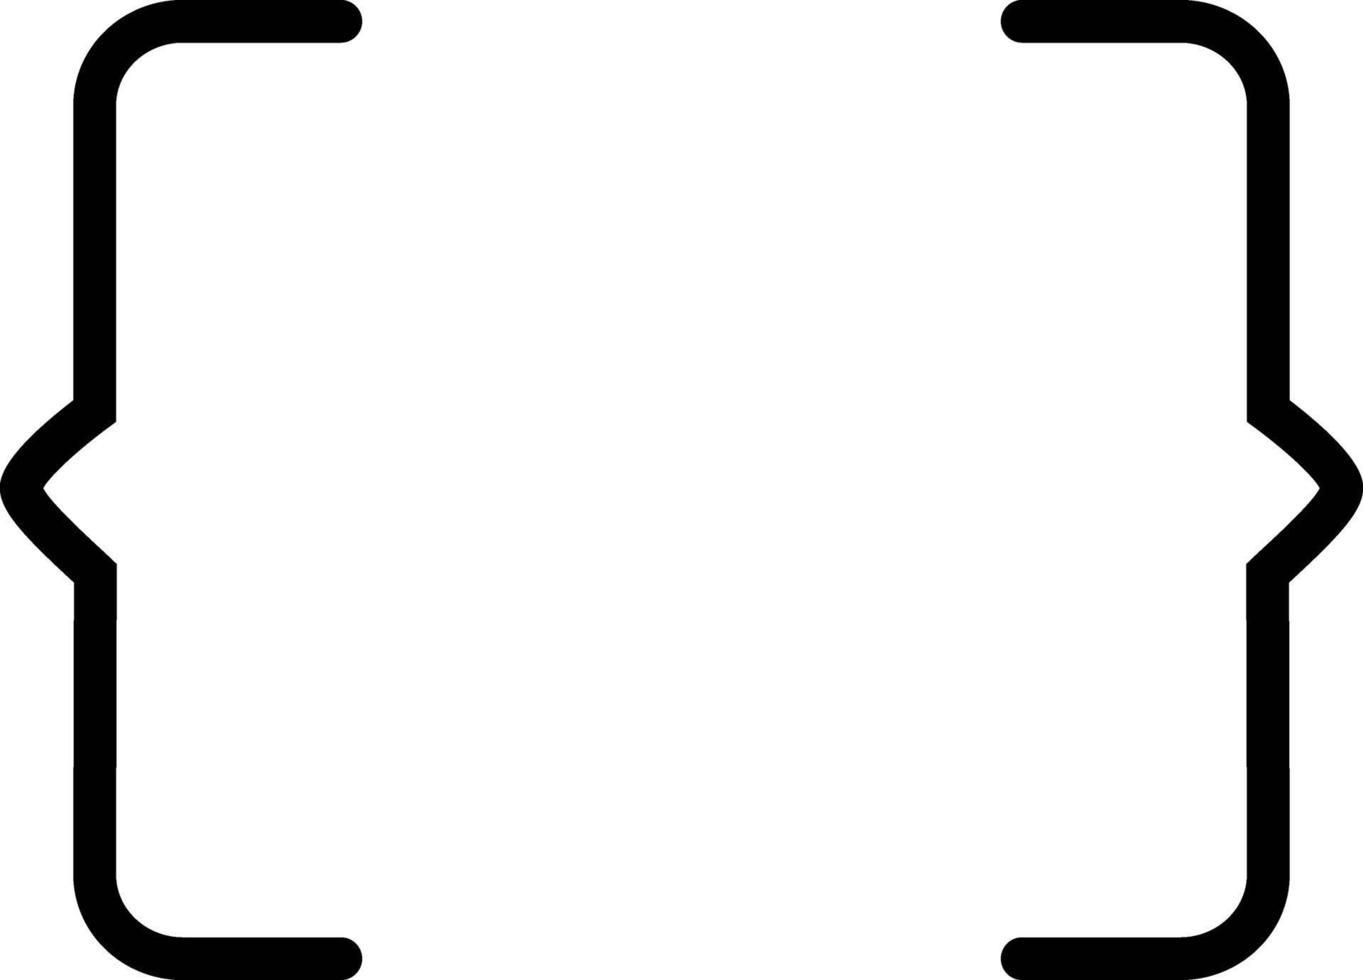 icône de ligne pour les crochets vecteur